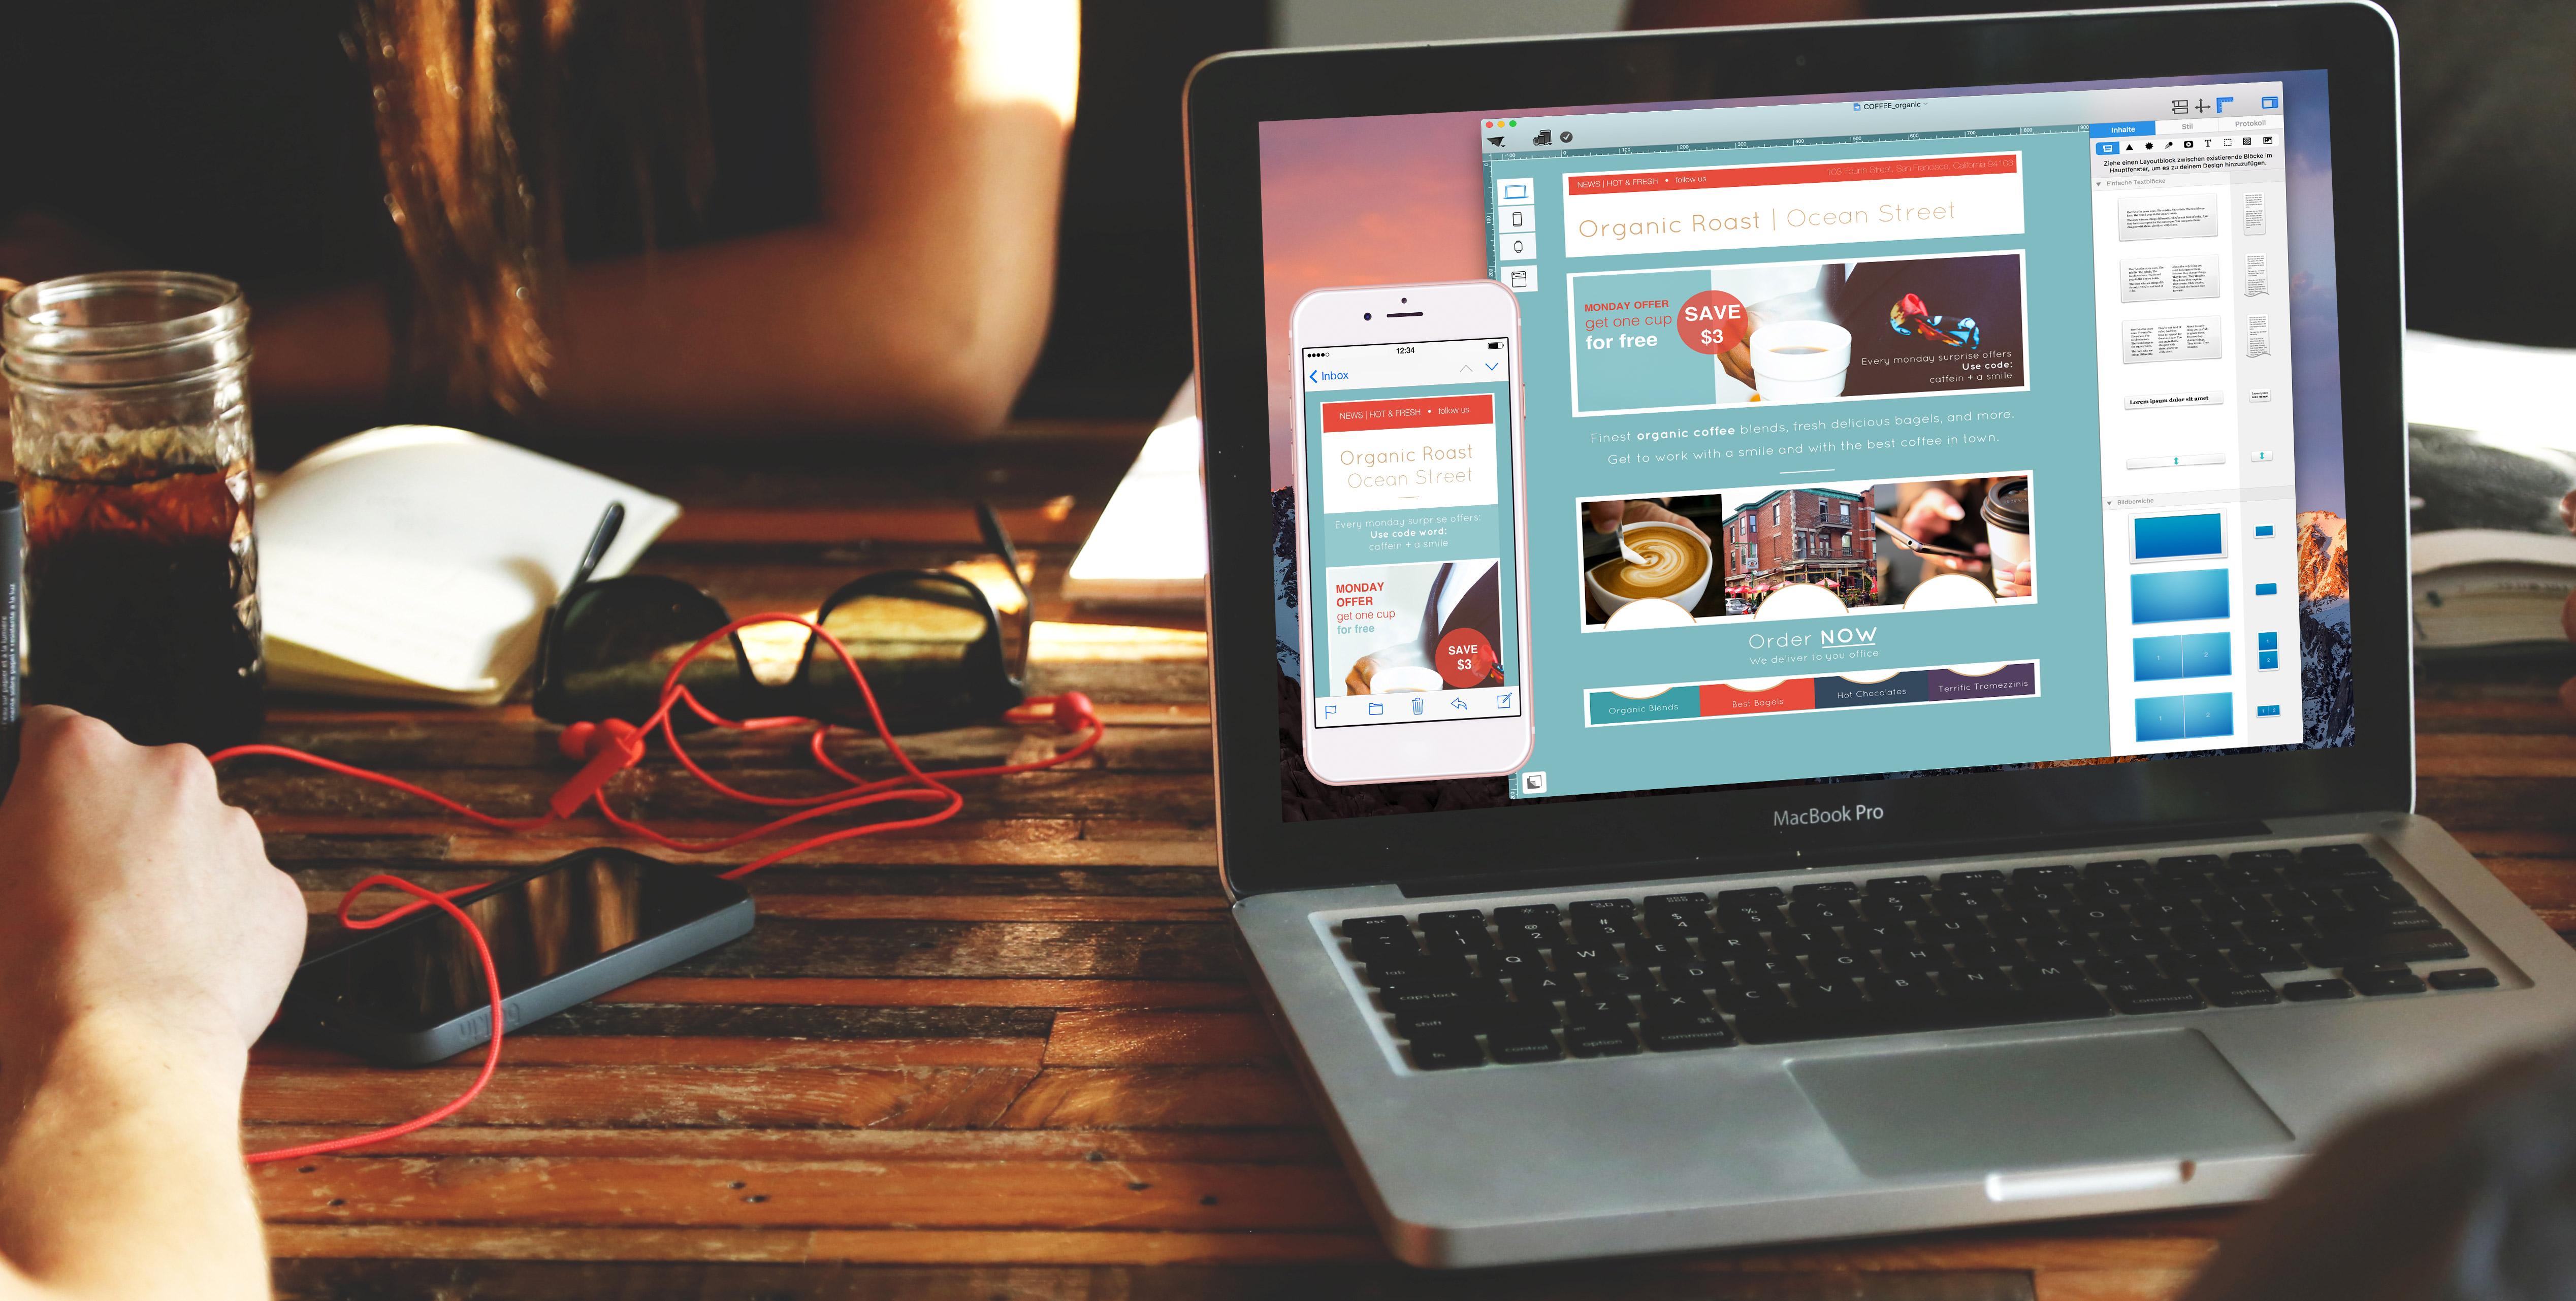 wood-coffee-laptop-hero-7094-2